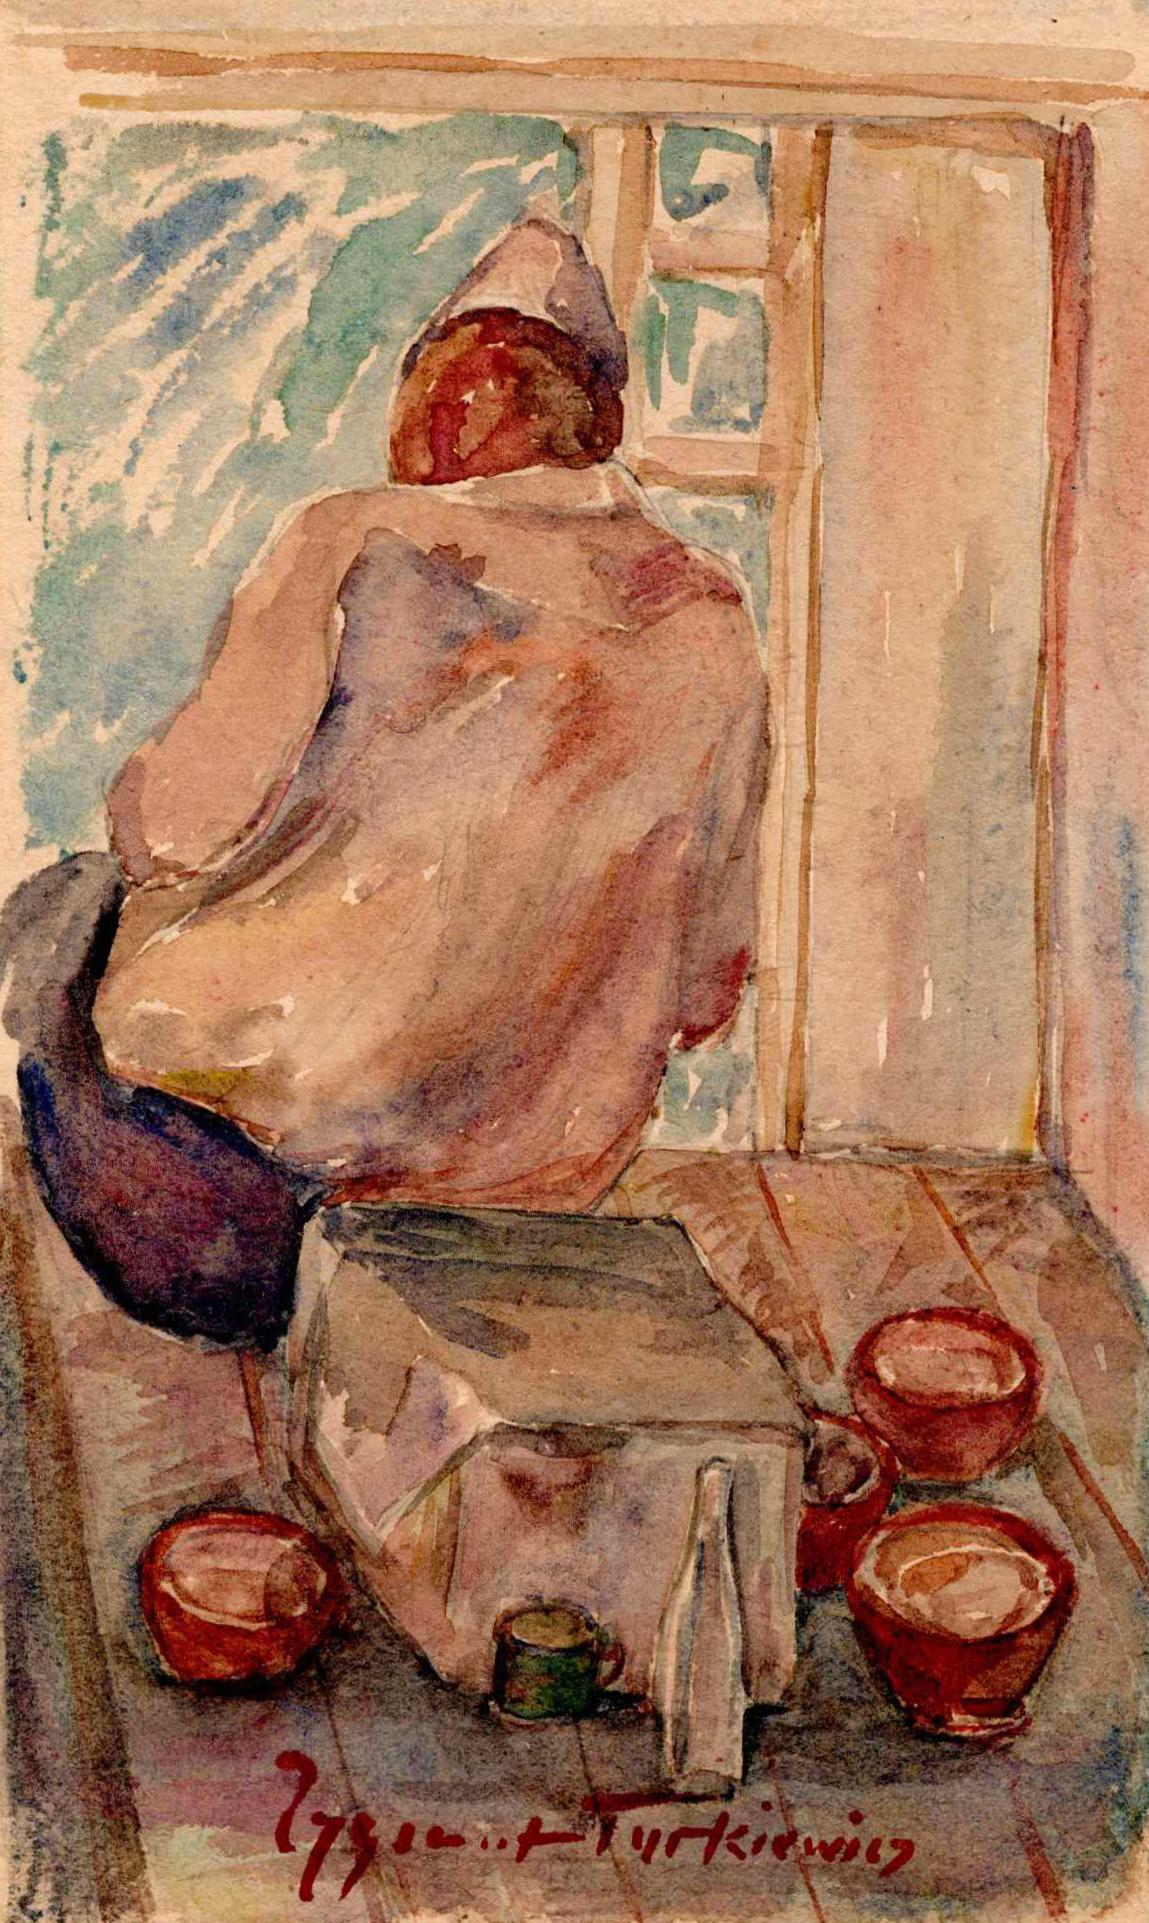 Relaks poposiłku. Akwarela przedstawiająca mężczyznę siedzącego nastole naktórymwidać puste naczynia. Mężczyzna odwrócony jest tyłem ilekko nadczymś pochylony, skupiony. Zygmunt Turkiewicz, Obóz wGriazowcu; 1941